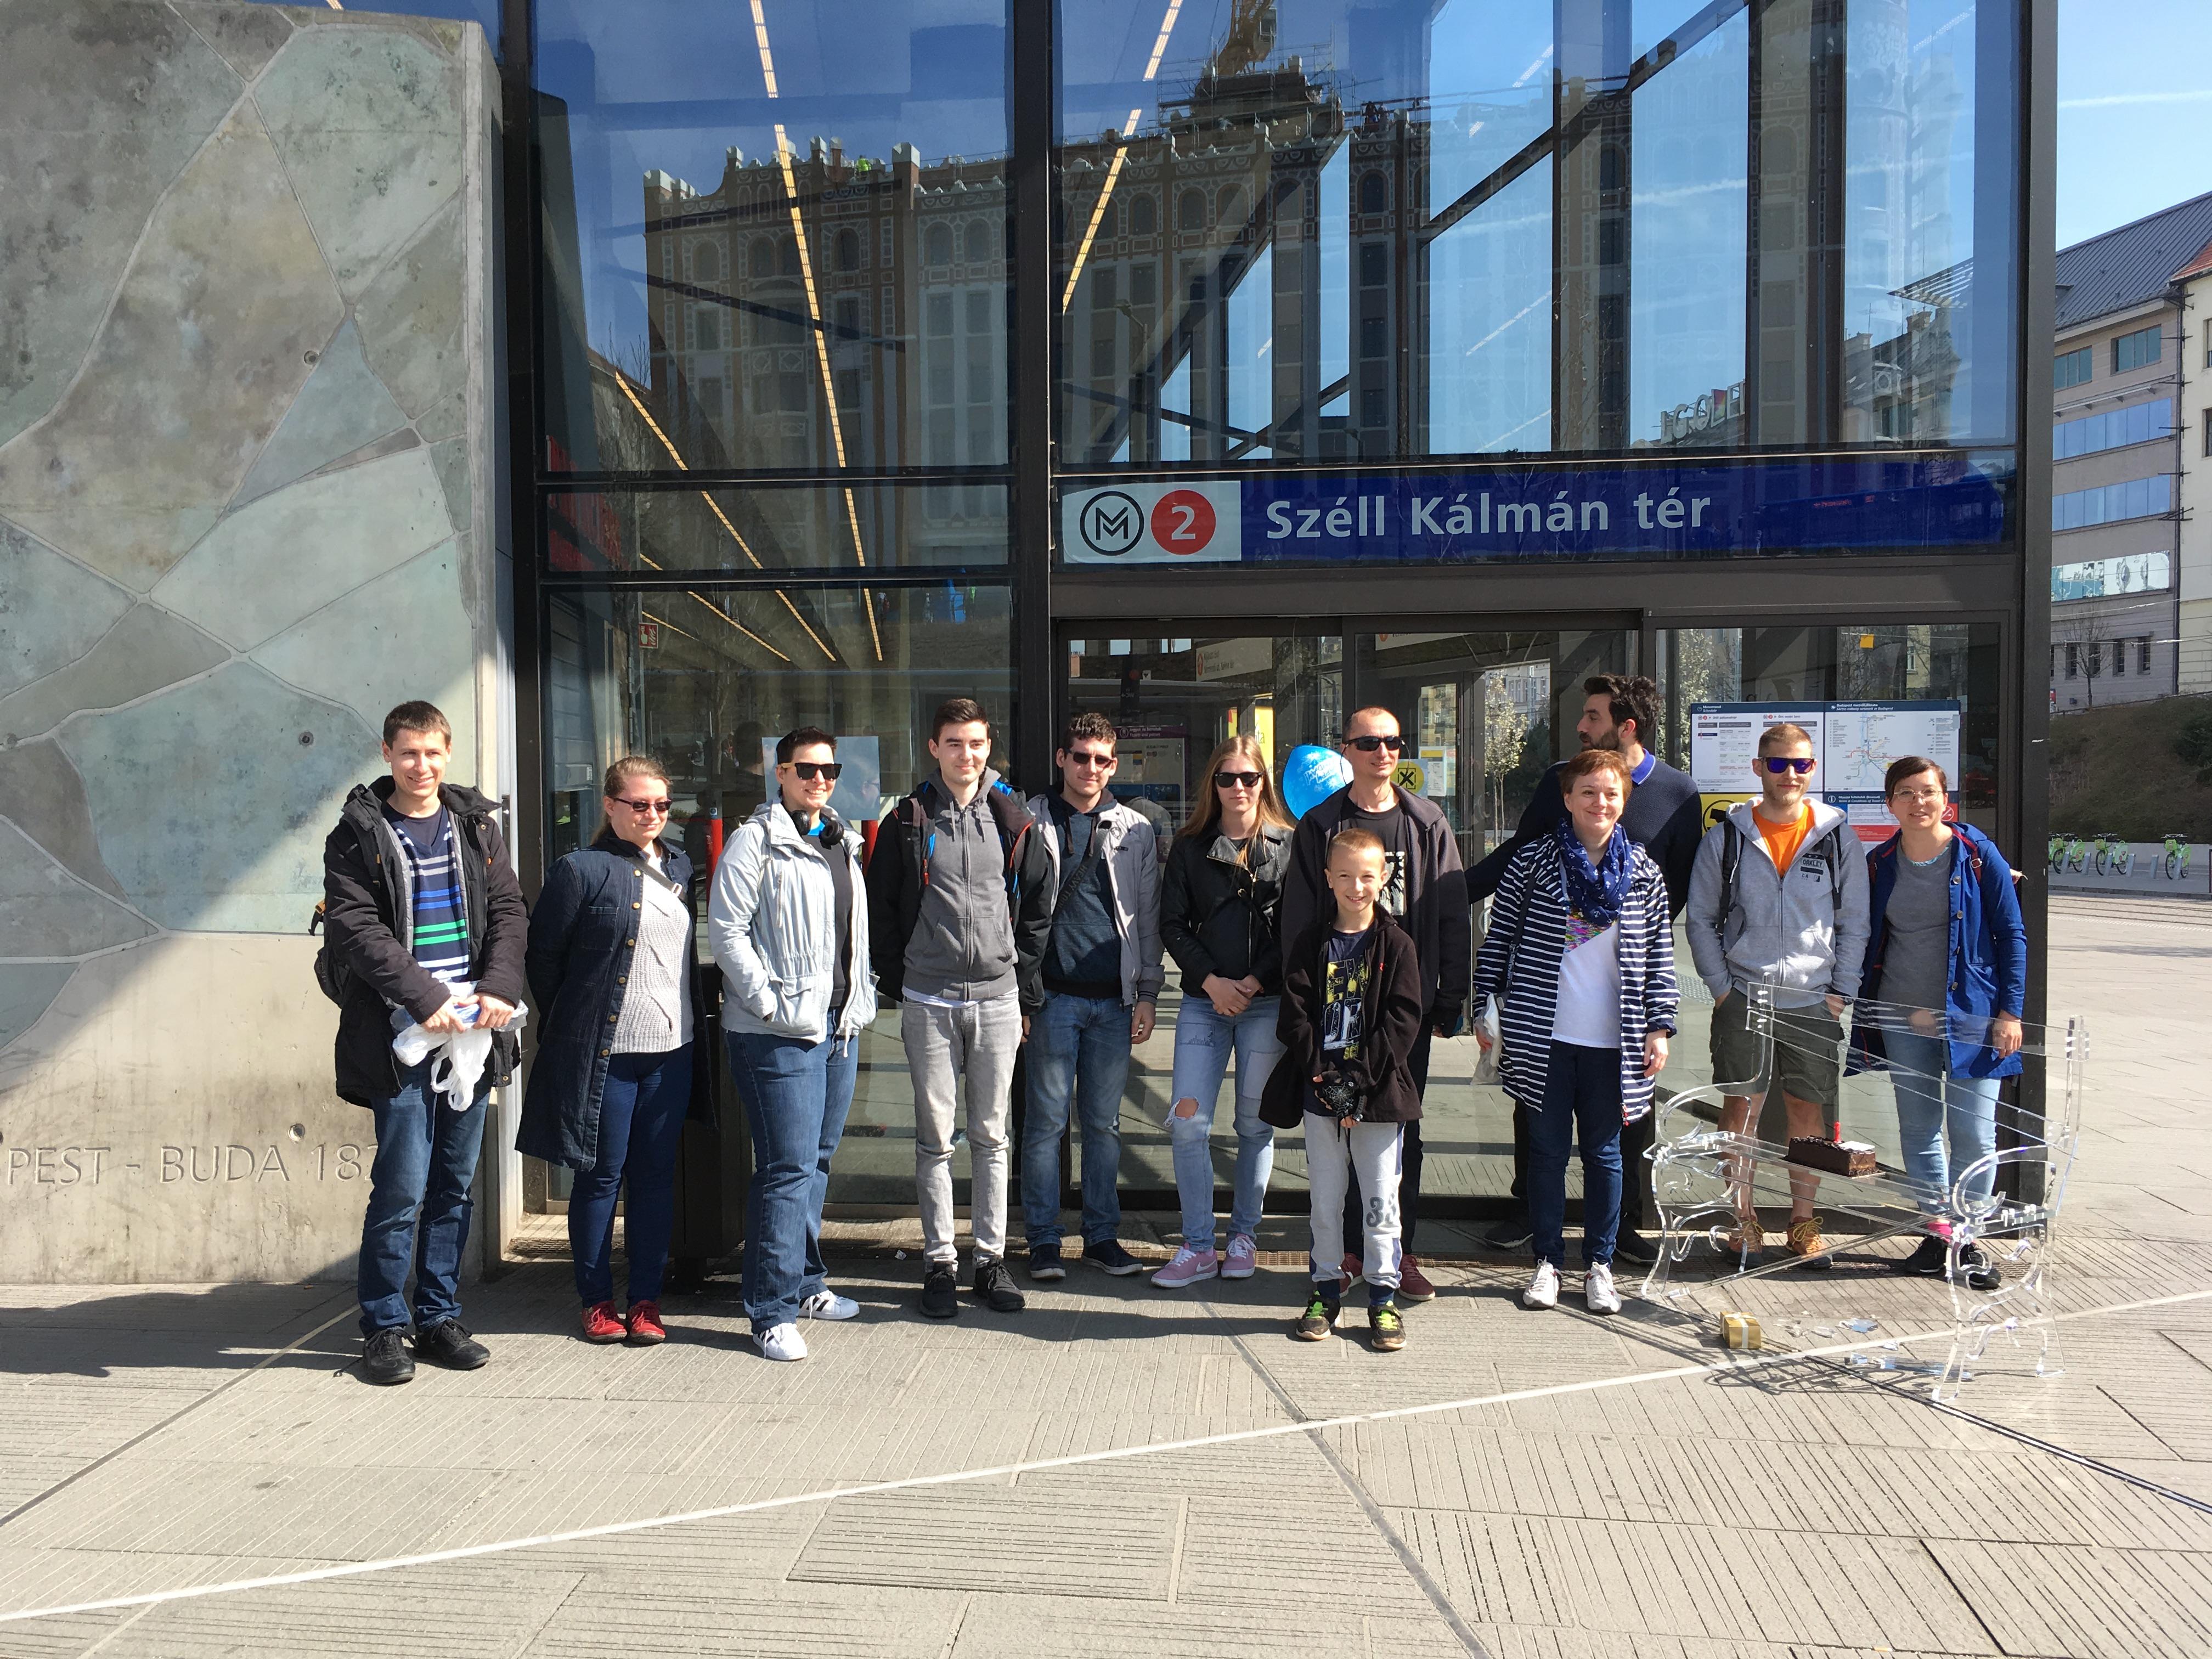 A kampány részeként felköszöntöttük a Széll Kálmán téri metró több mint 1 éve kinyithatatlan ajtaját.